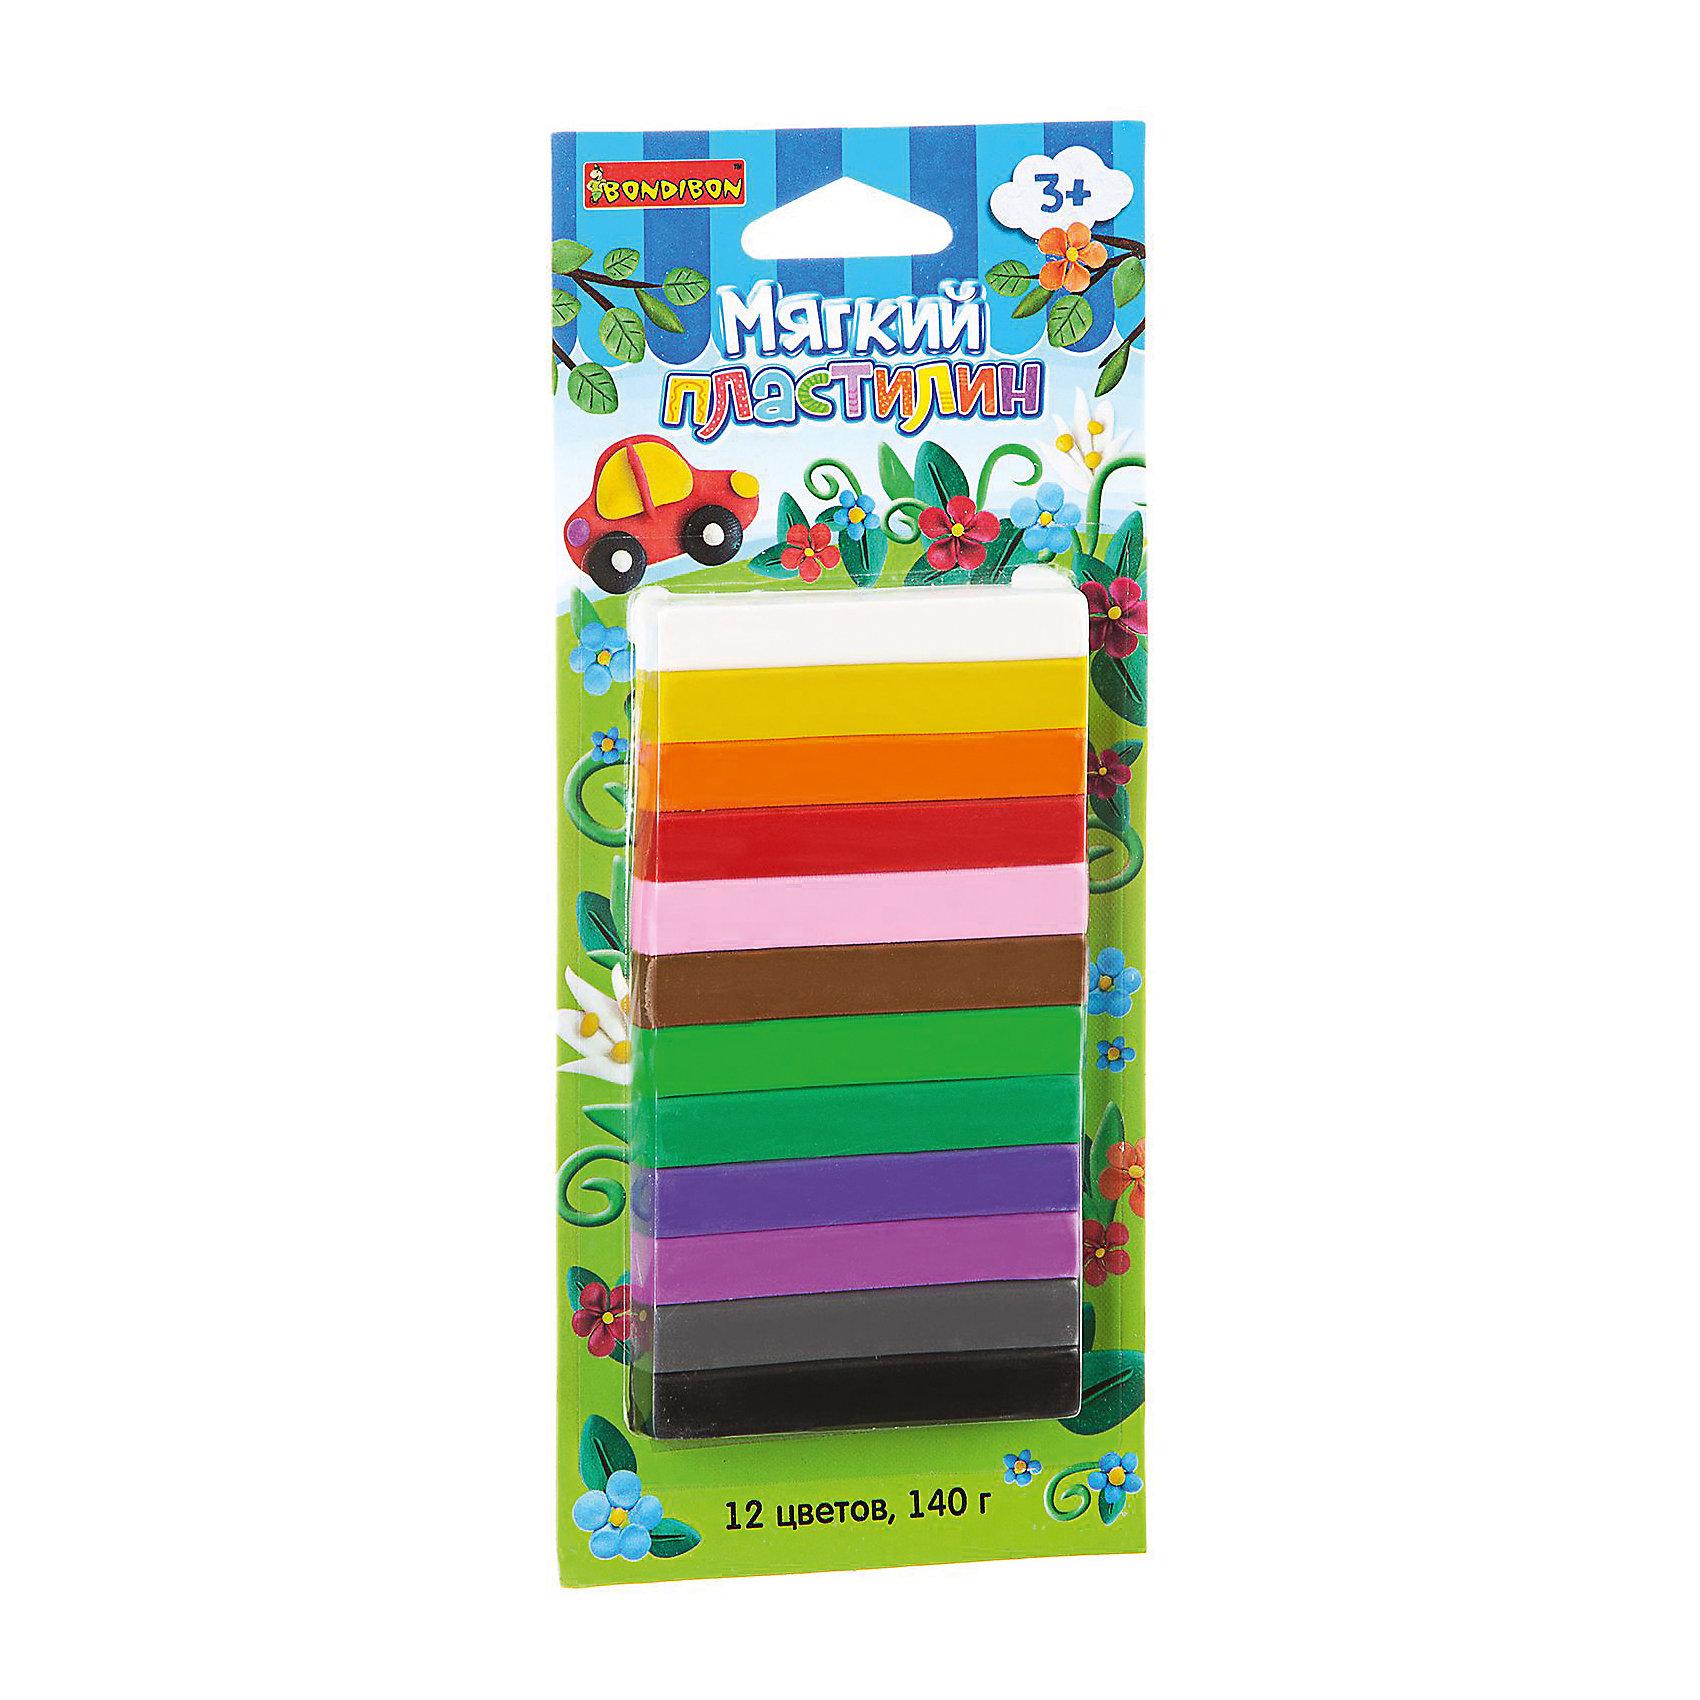 Мягкий пластилин 12 цветов, 140 г, BondibonМягкий пластилин ТМ BONDIBON разработан специально для маленьких детей. Не требует предварительного разминания. С помощью мягкого пластилина можно не только лепить, но и создавать объемные рисунки на бумаге или другой плоской поверхности. Поможет весело и пользой провести время, и развить мелкую моторику, фантазию, воображение и творческий потенциал Вашего малыша.<br><br>Ширина мм: 220<br>Глубина мм: 95<br>Высота мм: 10<br>Вес г: 163<br>Возраст от месяцев: 36<br>Возраст до месяцев: 72<br>Пол: Унисекс<br>Возраст: Детский<br>SKU: 5398953